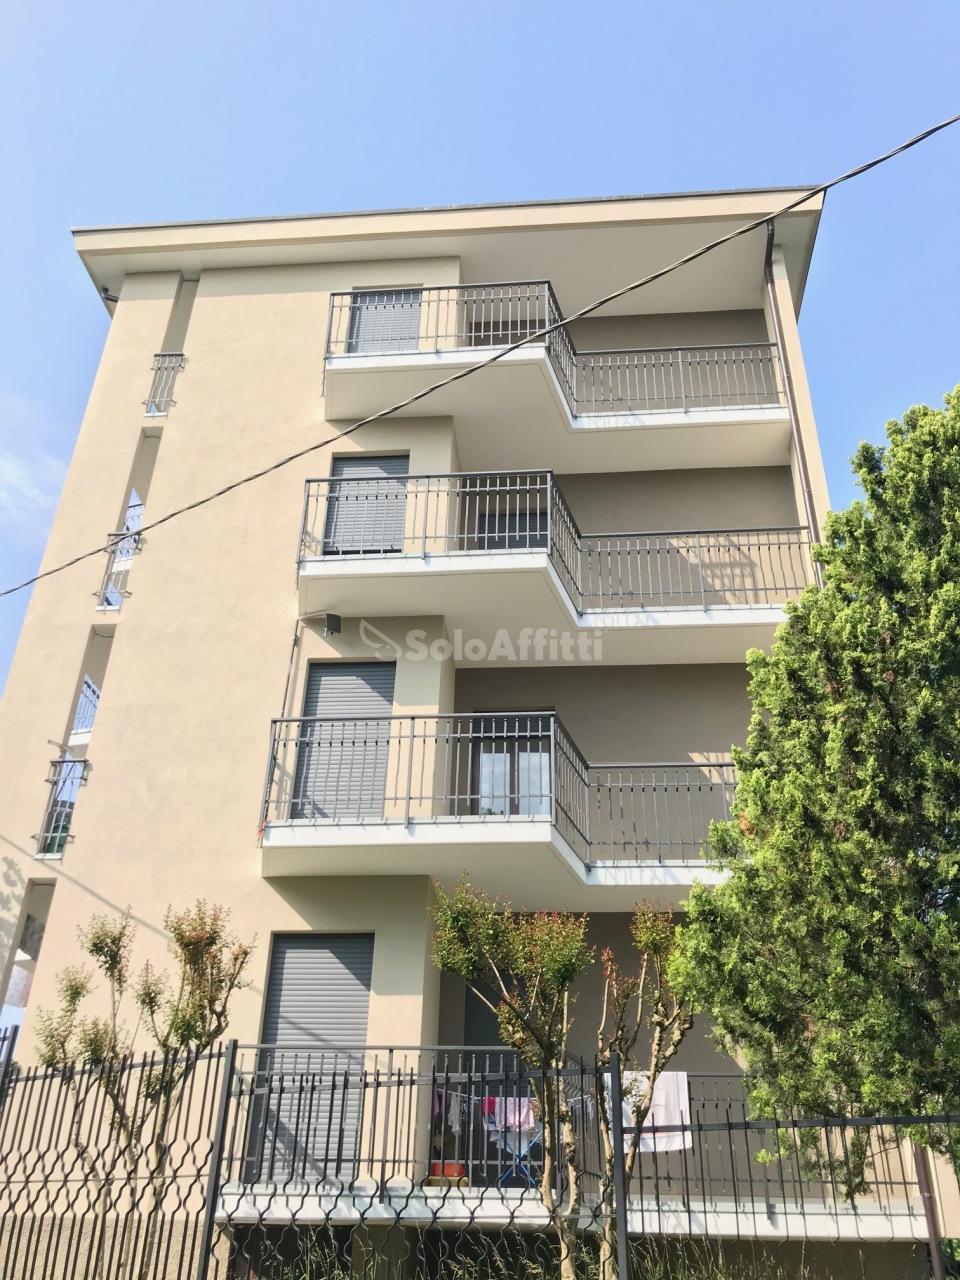 Appartamento in affitto a Lurago Marinone, 2 locali, prezzo € 530 | PortaleAgenzieImmobiliari.it